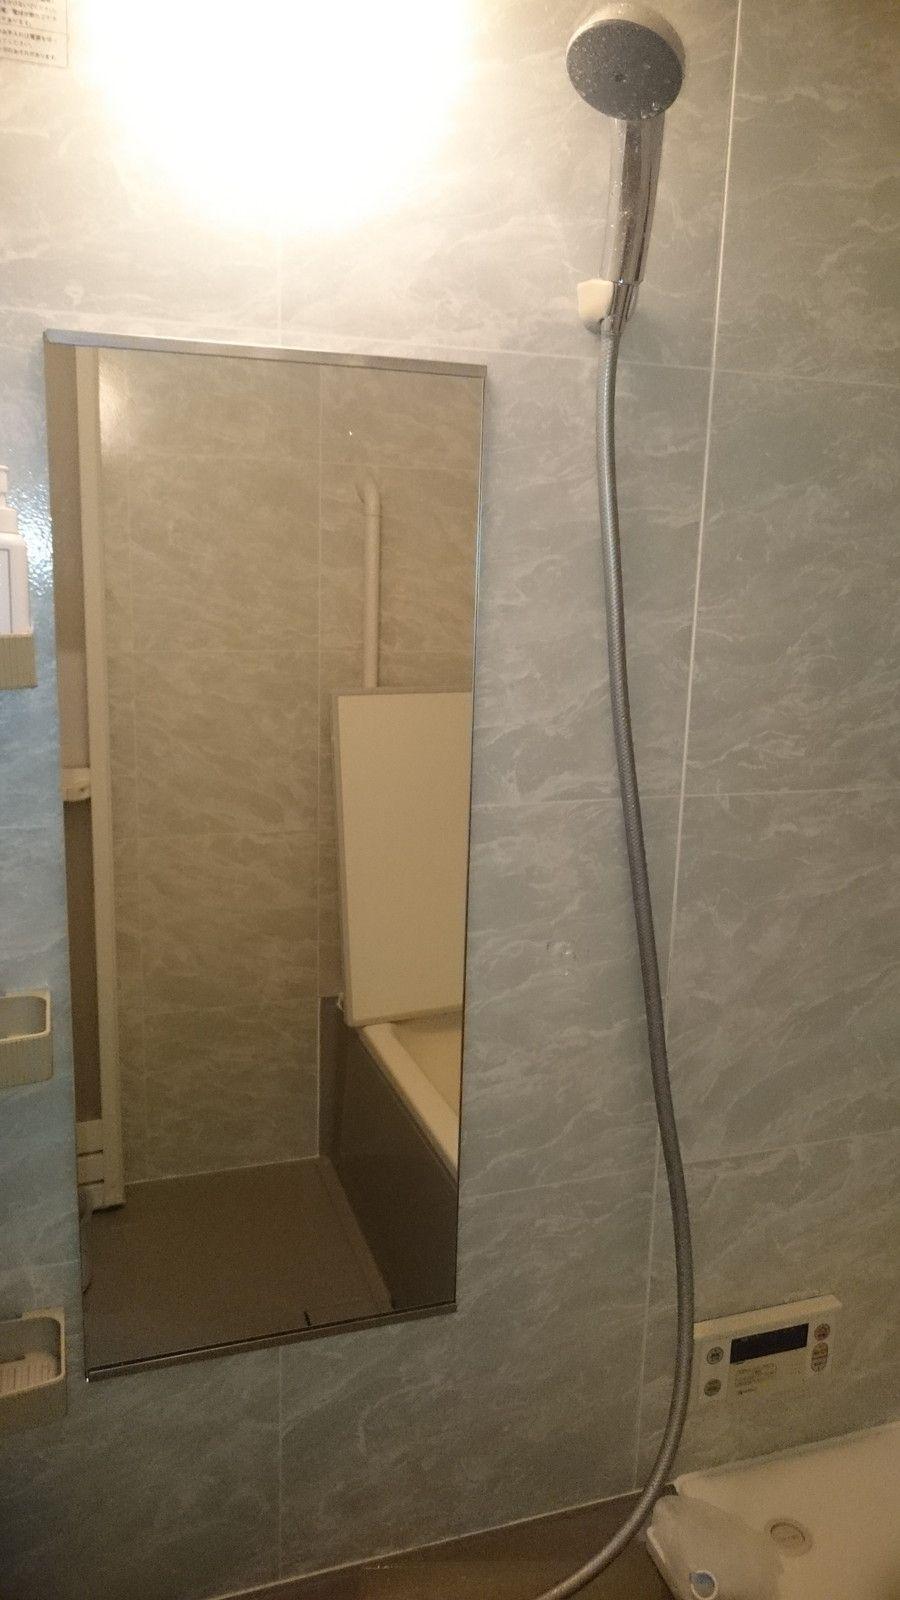 浴室鏡を新しいものに交換されました 浴室鏡は実は意外と簡単にセット